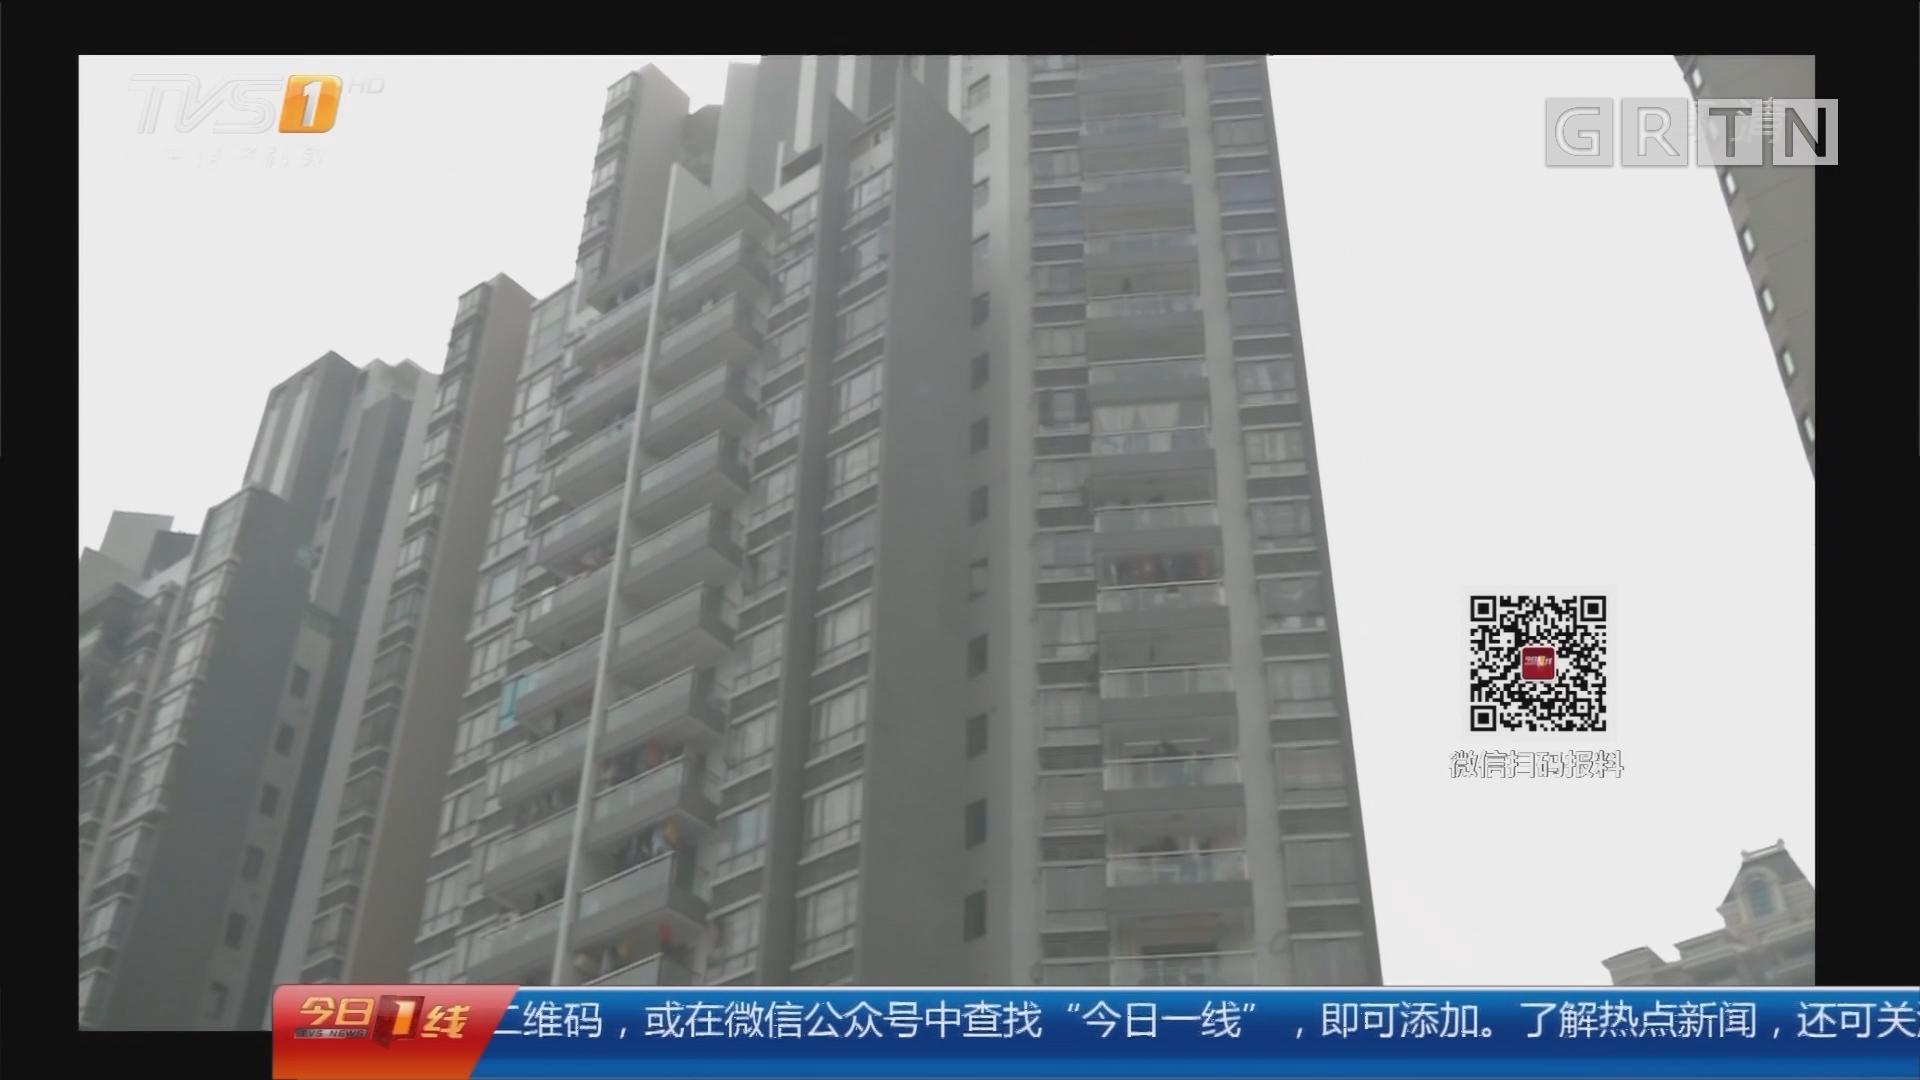 中山:天降砂煲伤人 全楼业主齐被告